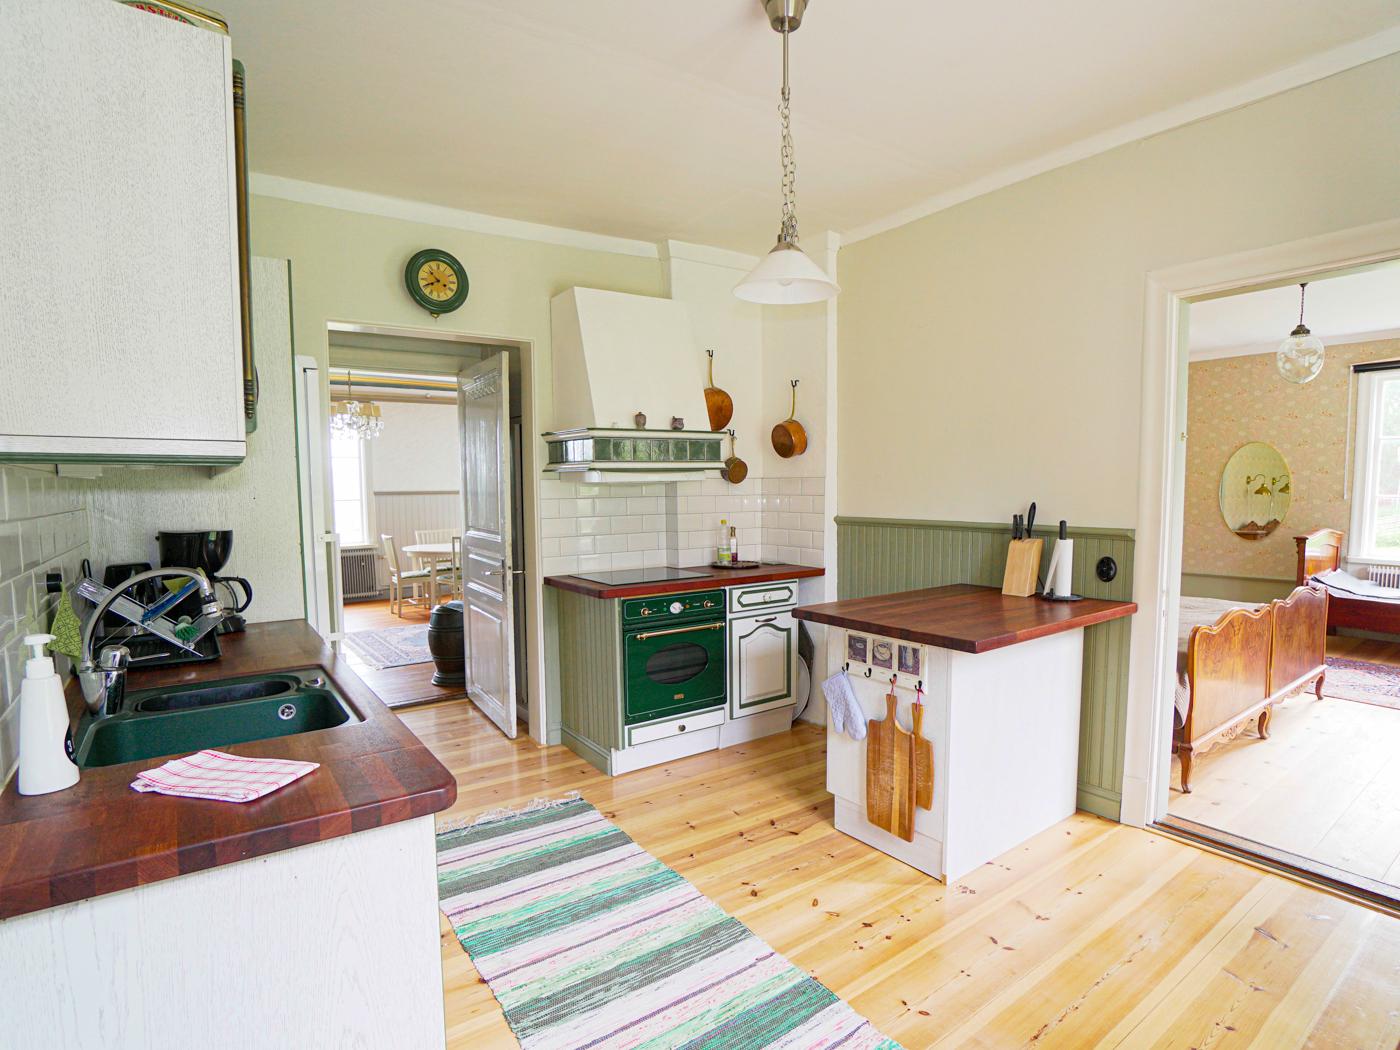 Lôkes Hälsingegård, boning 2, Familjen Lindströms boning, det gröna köket